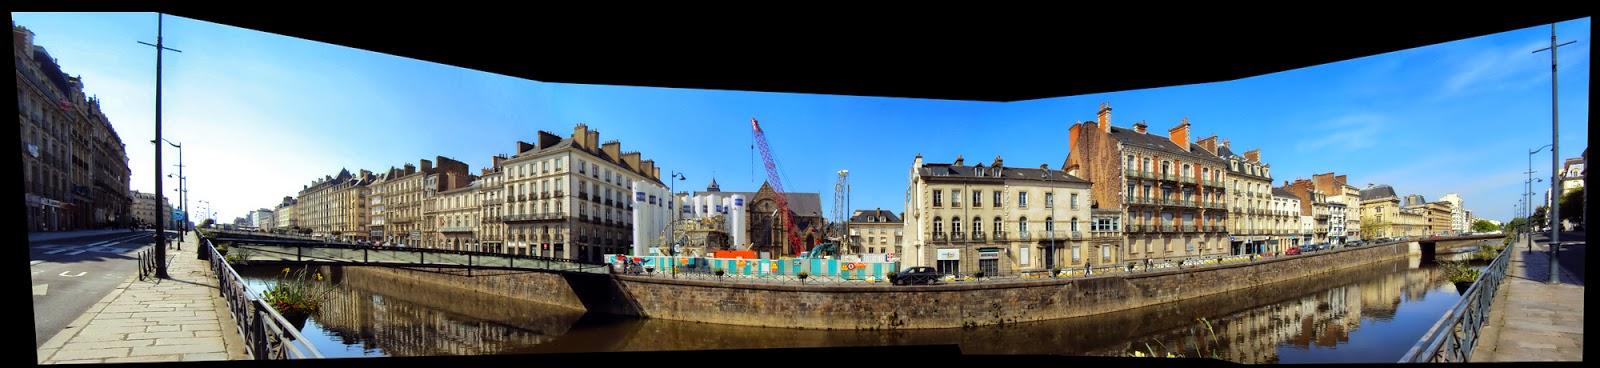 La Place Saint-Germain et les immeuble du quai Chateaubriand depuis le quai Emile Zola - 11 mai 2014 - Photo Erwan Corre